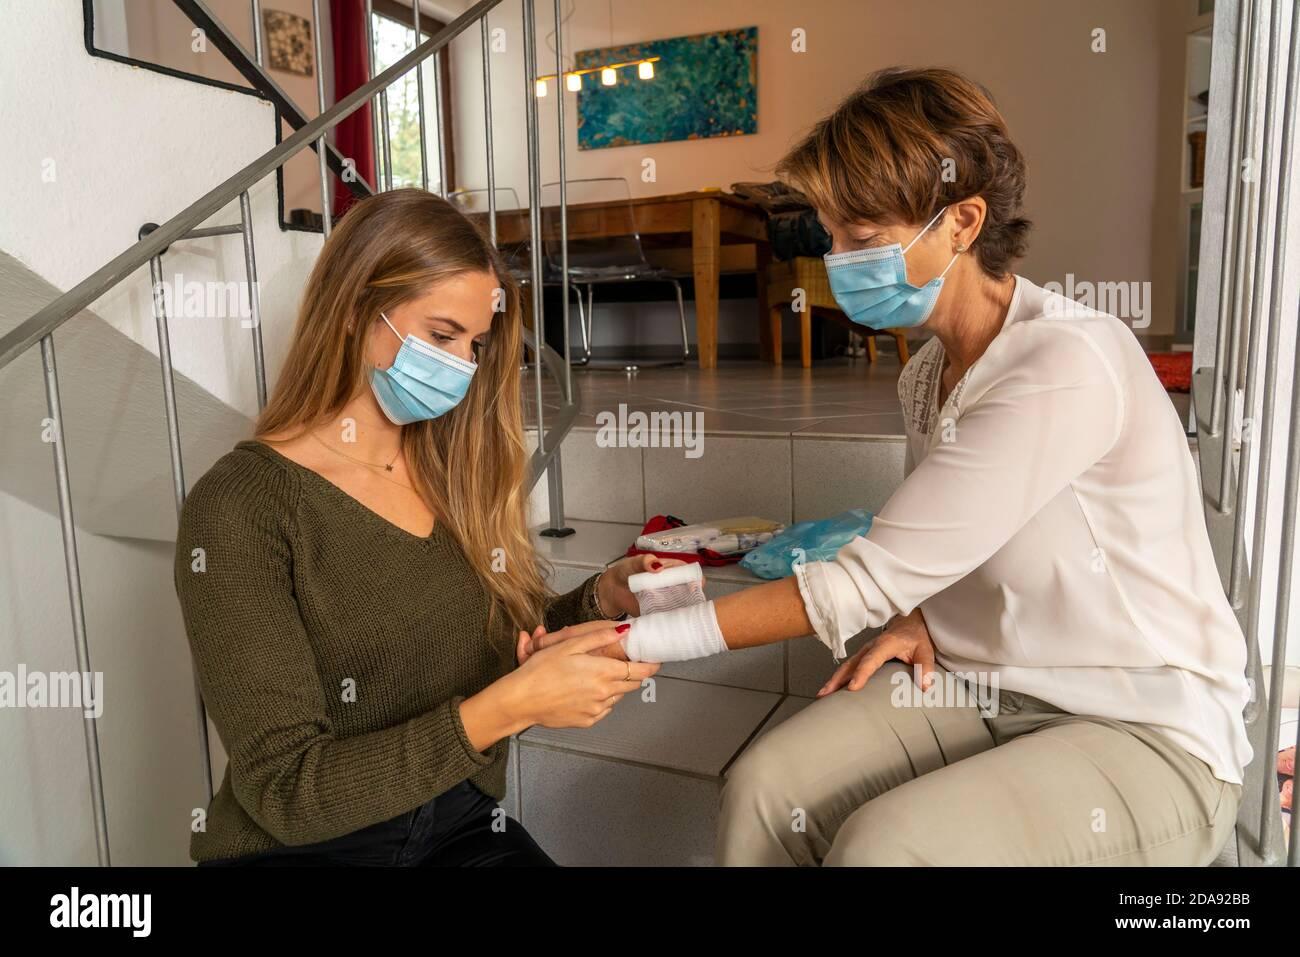 Medidas de primeros auxilios en condiciones de corona, aplicación de un vendaje, después de un accidente en el hogar, con una máscara de nariz y boca, al dar primeros auxilios Foto de stock